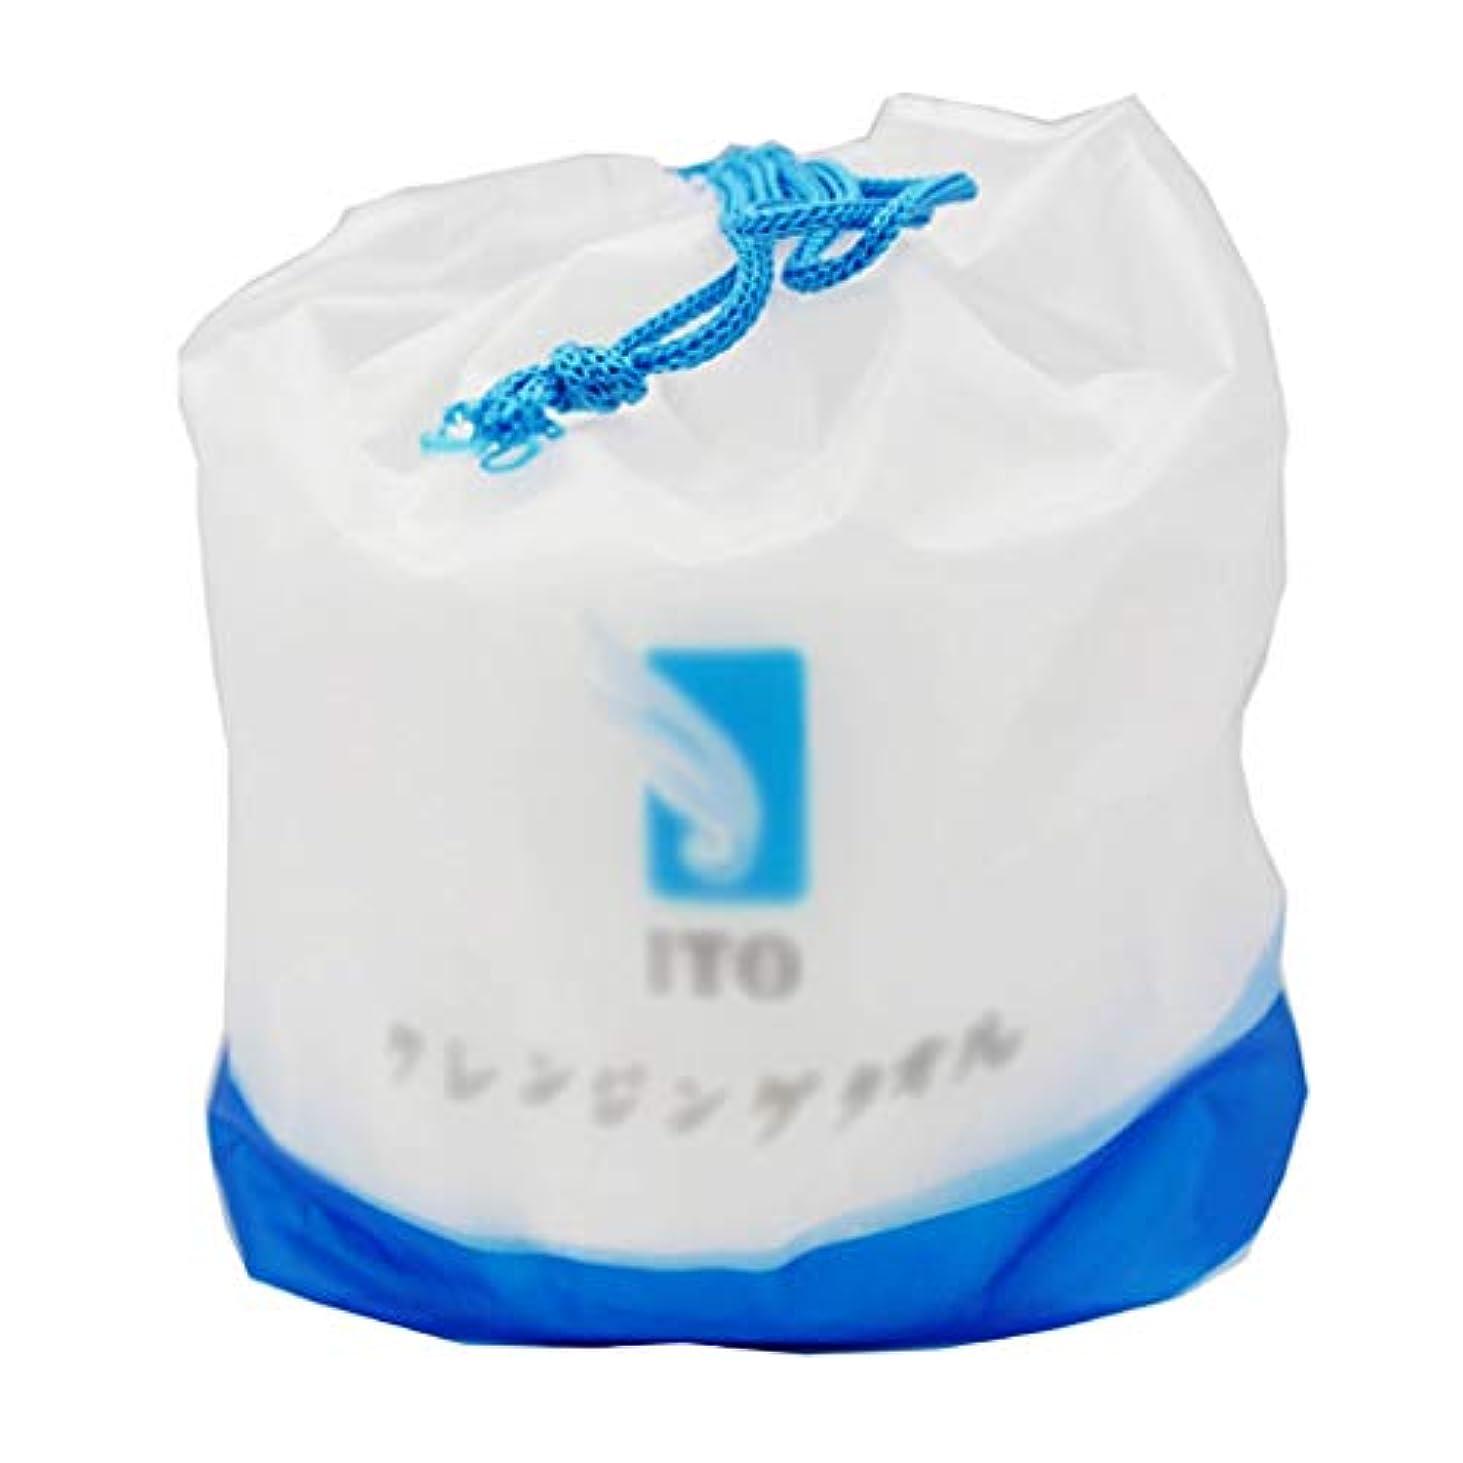 サドルアノイループクレンジングシート 綿美容フェイスタオル使い捨てクレンジングタオルタオルロール綿パッド女性の美容ツール多目的 (Color : White, サイズ : 20*25cm)